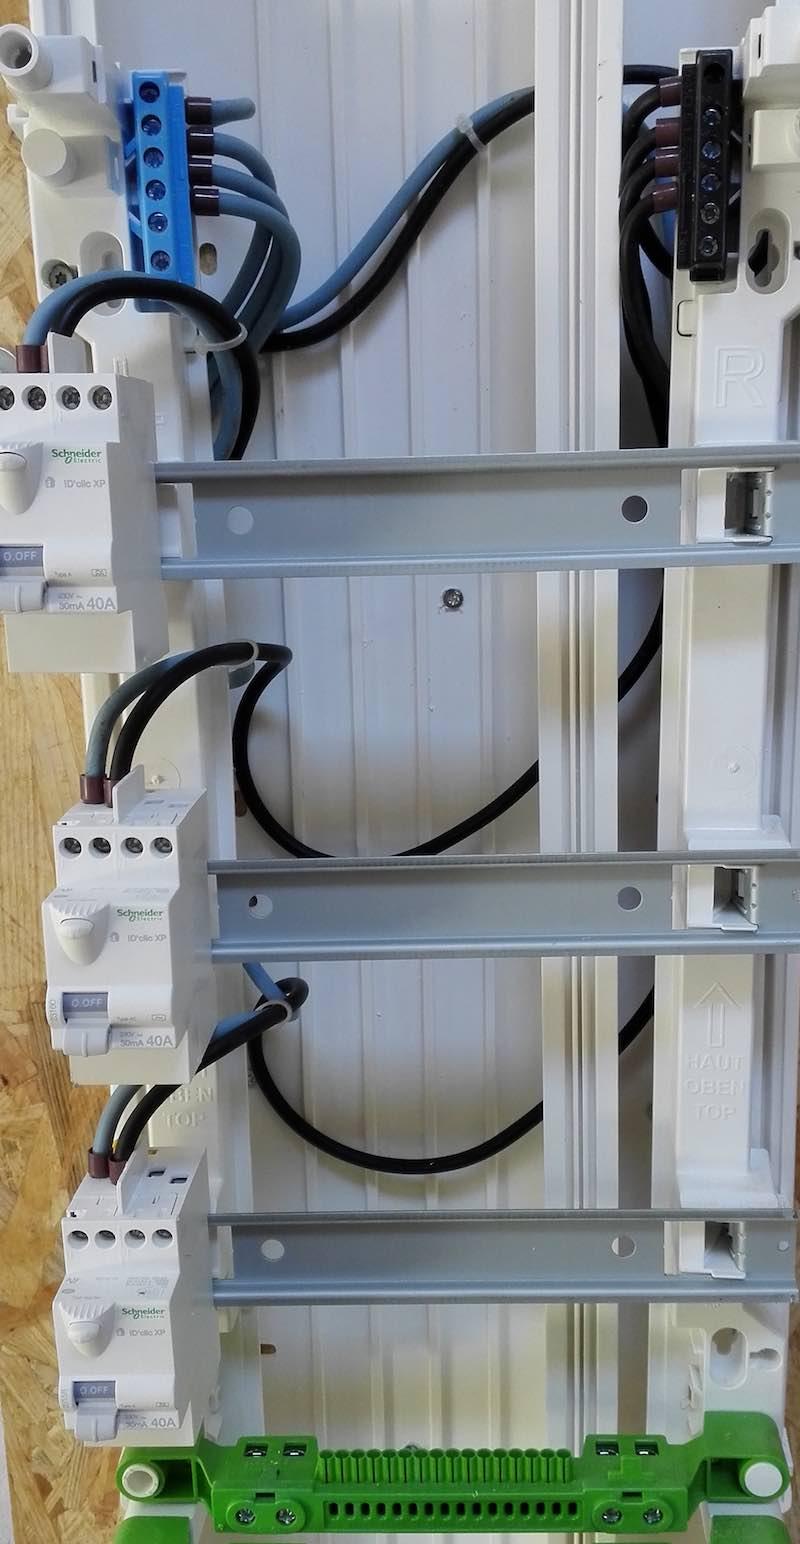 câbler le tableau électrique, comment faire?